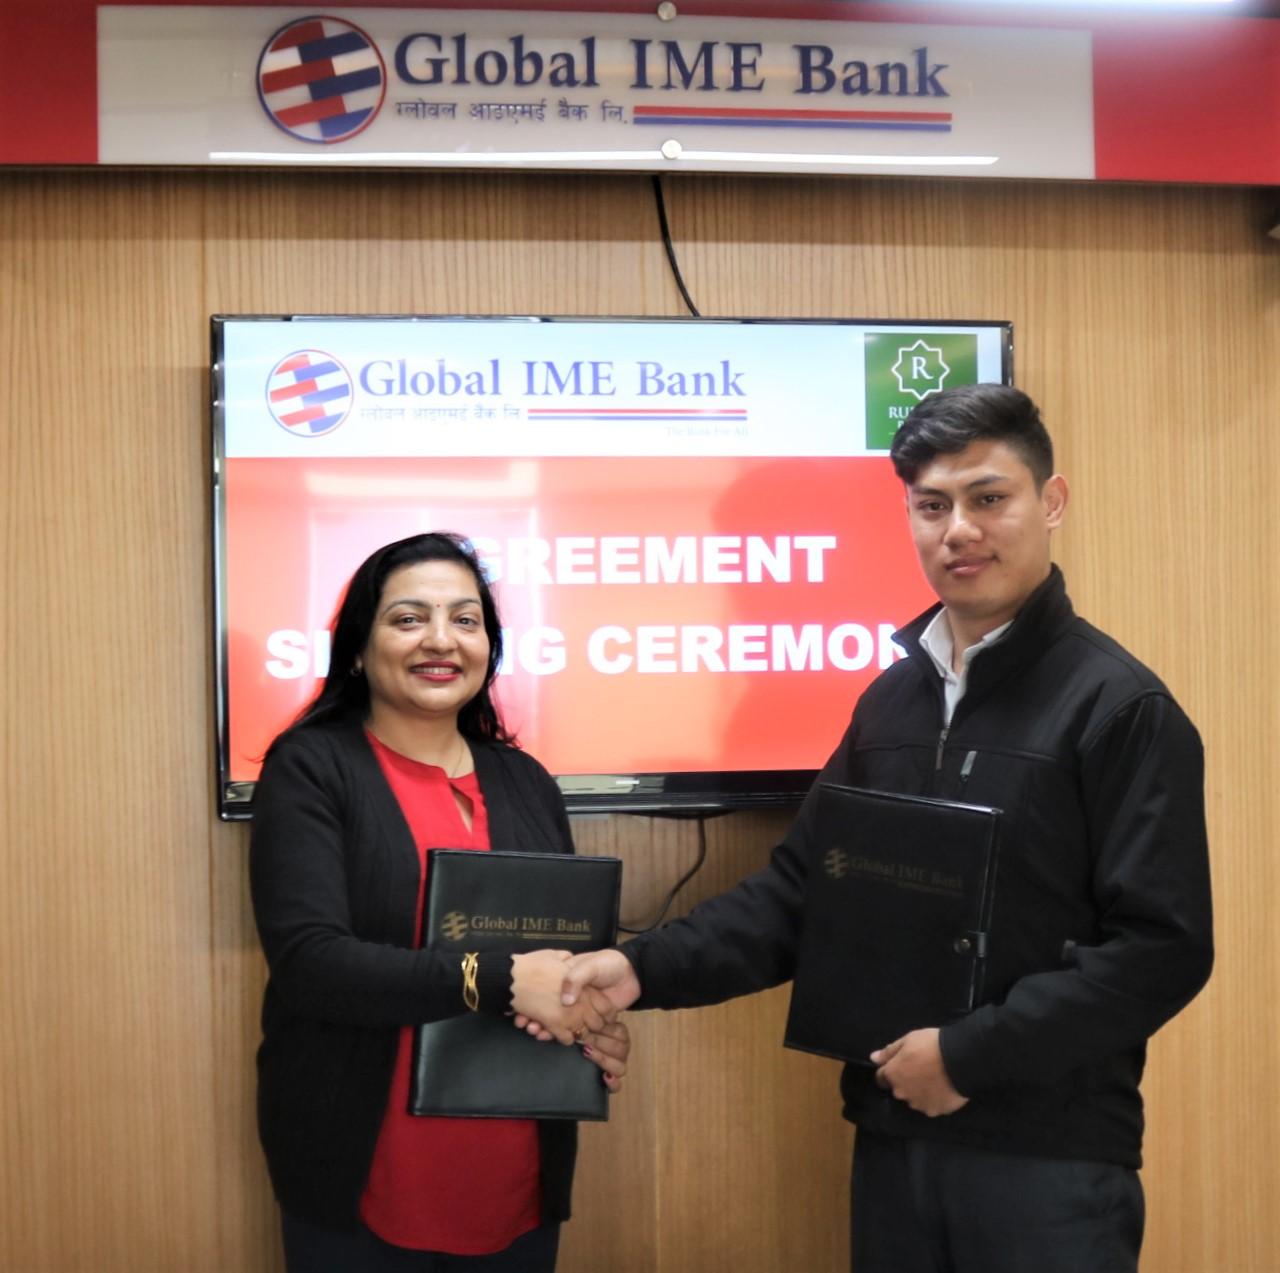 ग्लोबल आईएमई बैंक र रुपाकोट रिसोर्टबीच सम्झौता